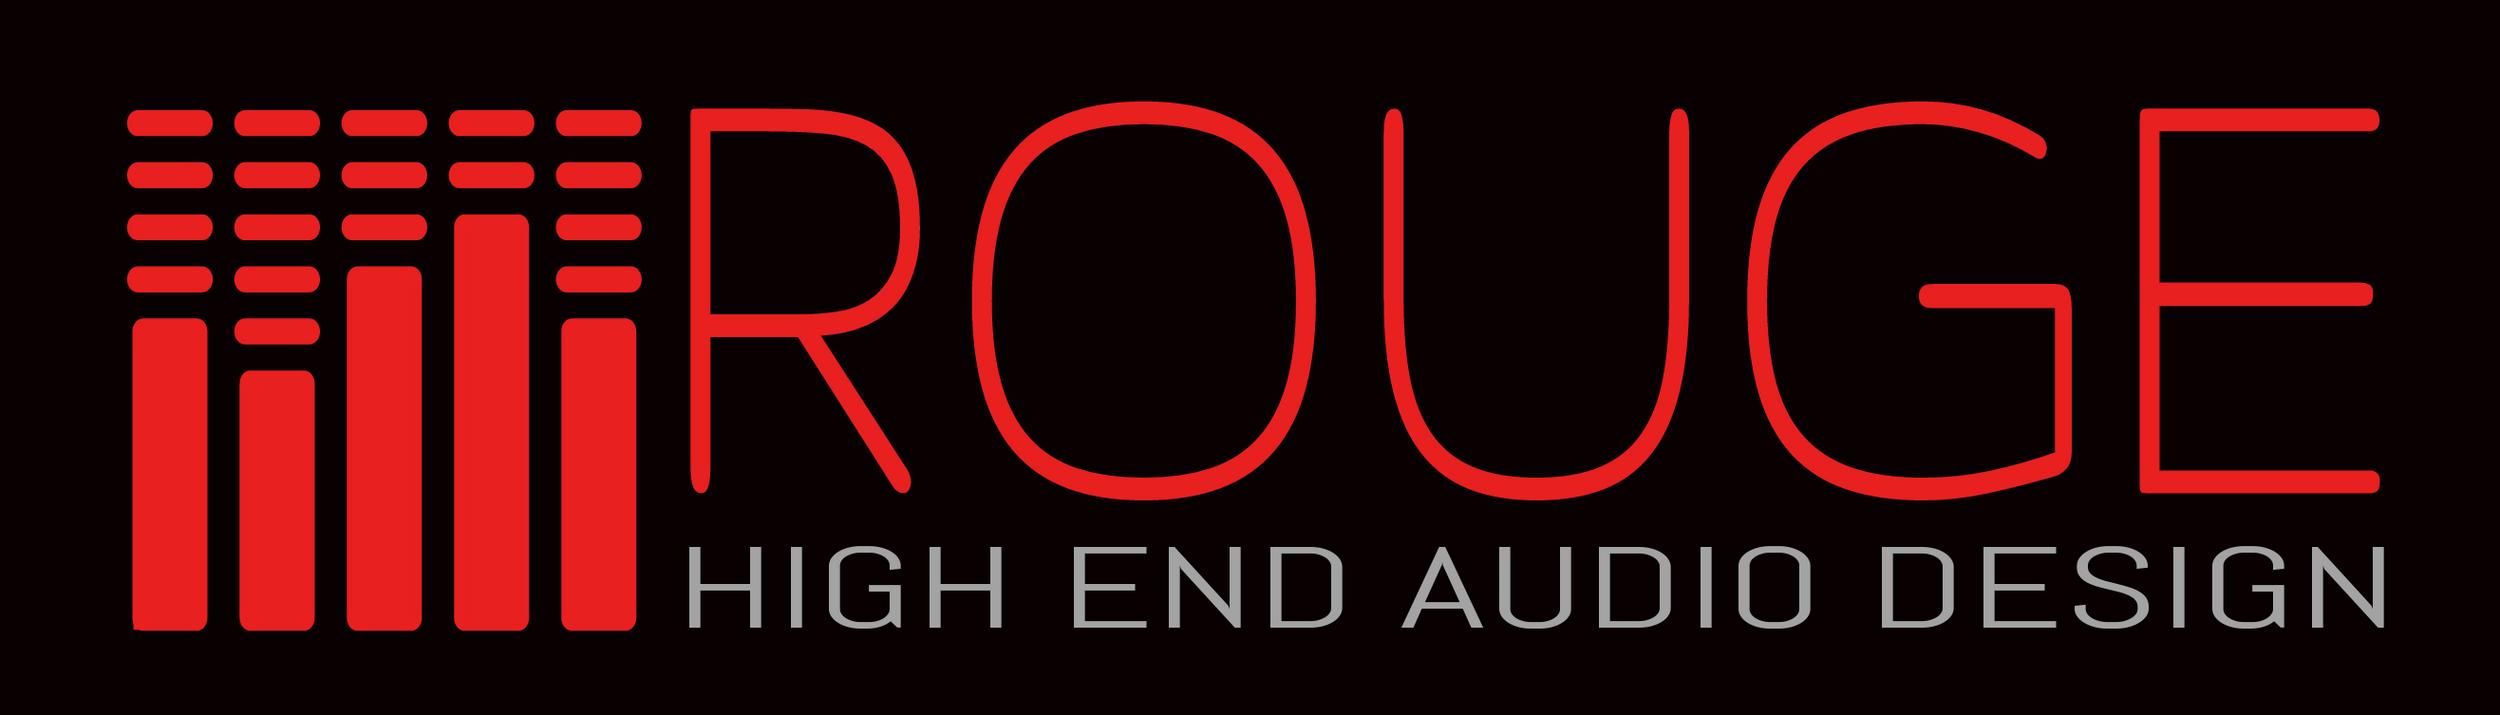 ALAUDA DM-500 | Rouge Audio Design | Roma